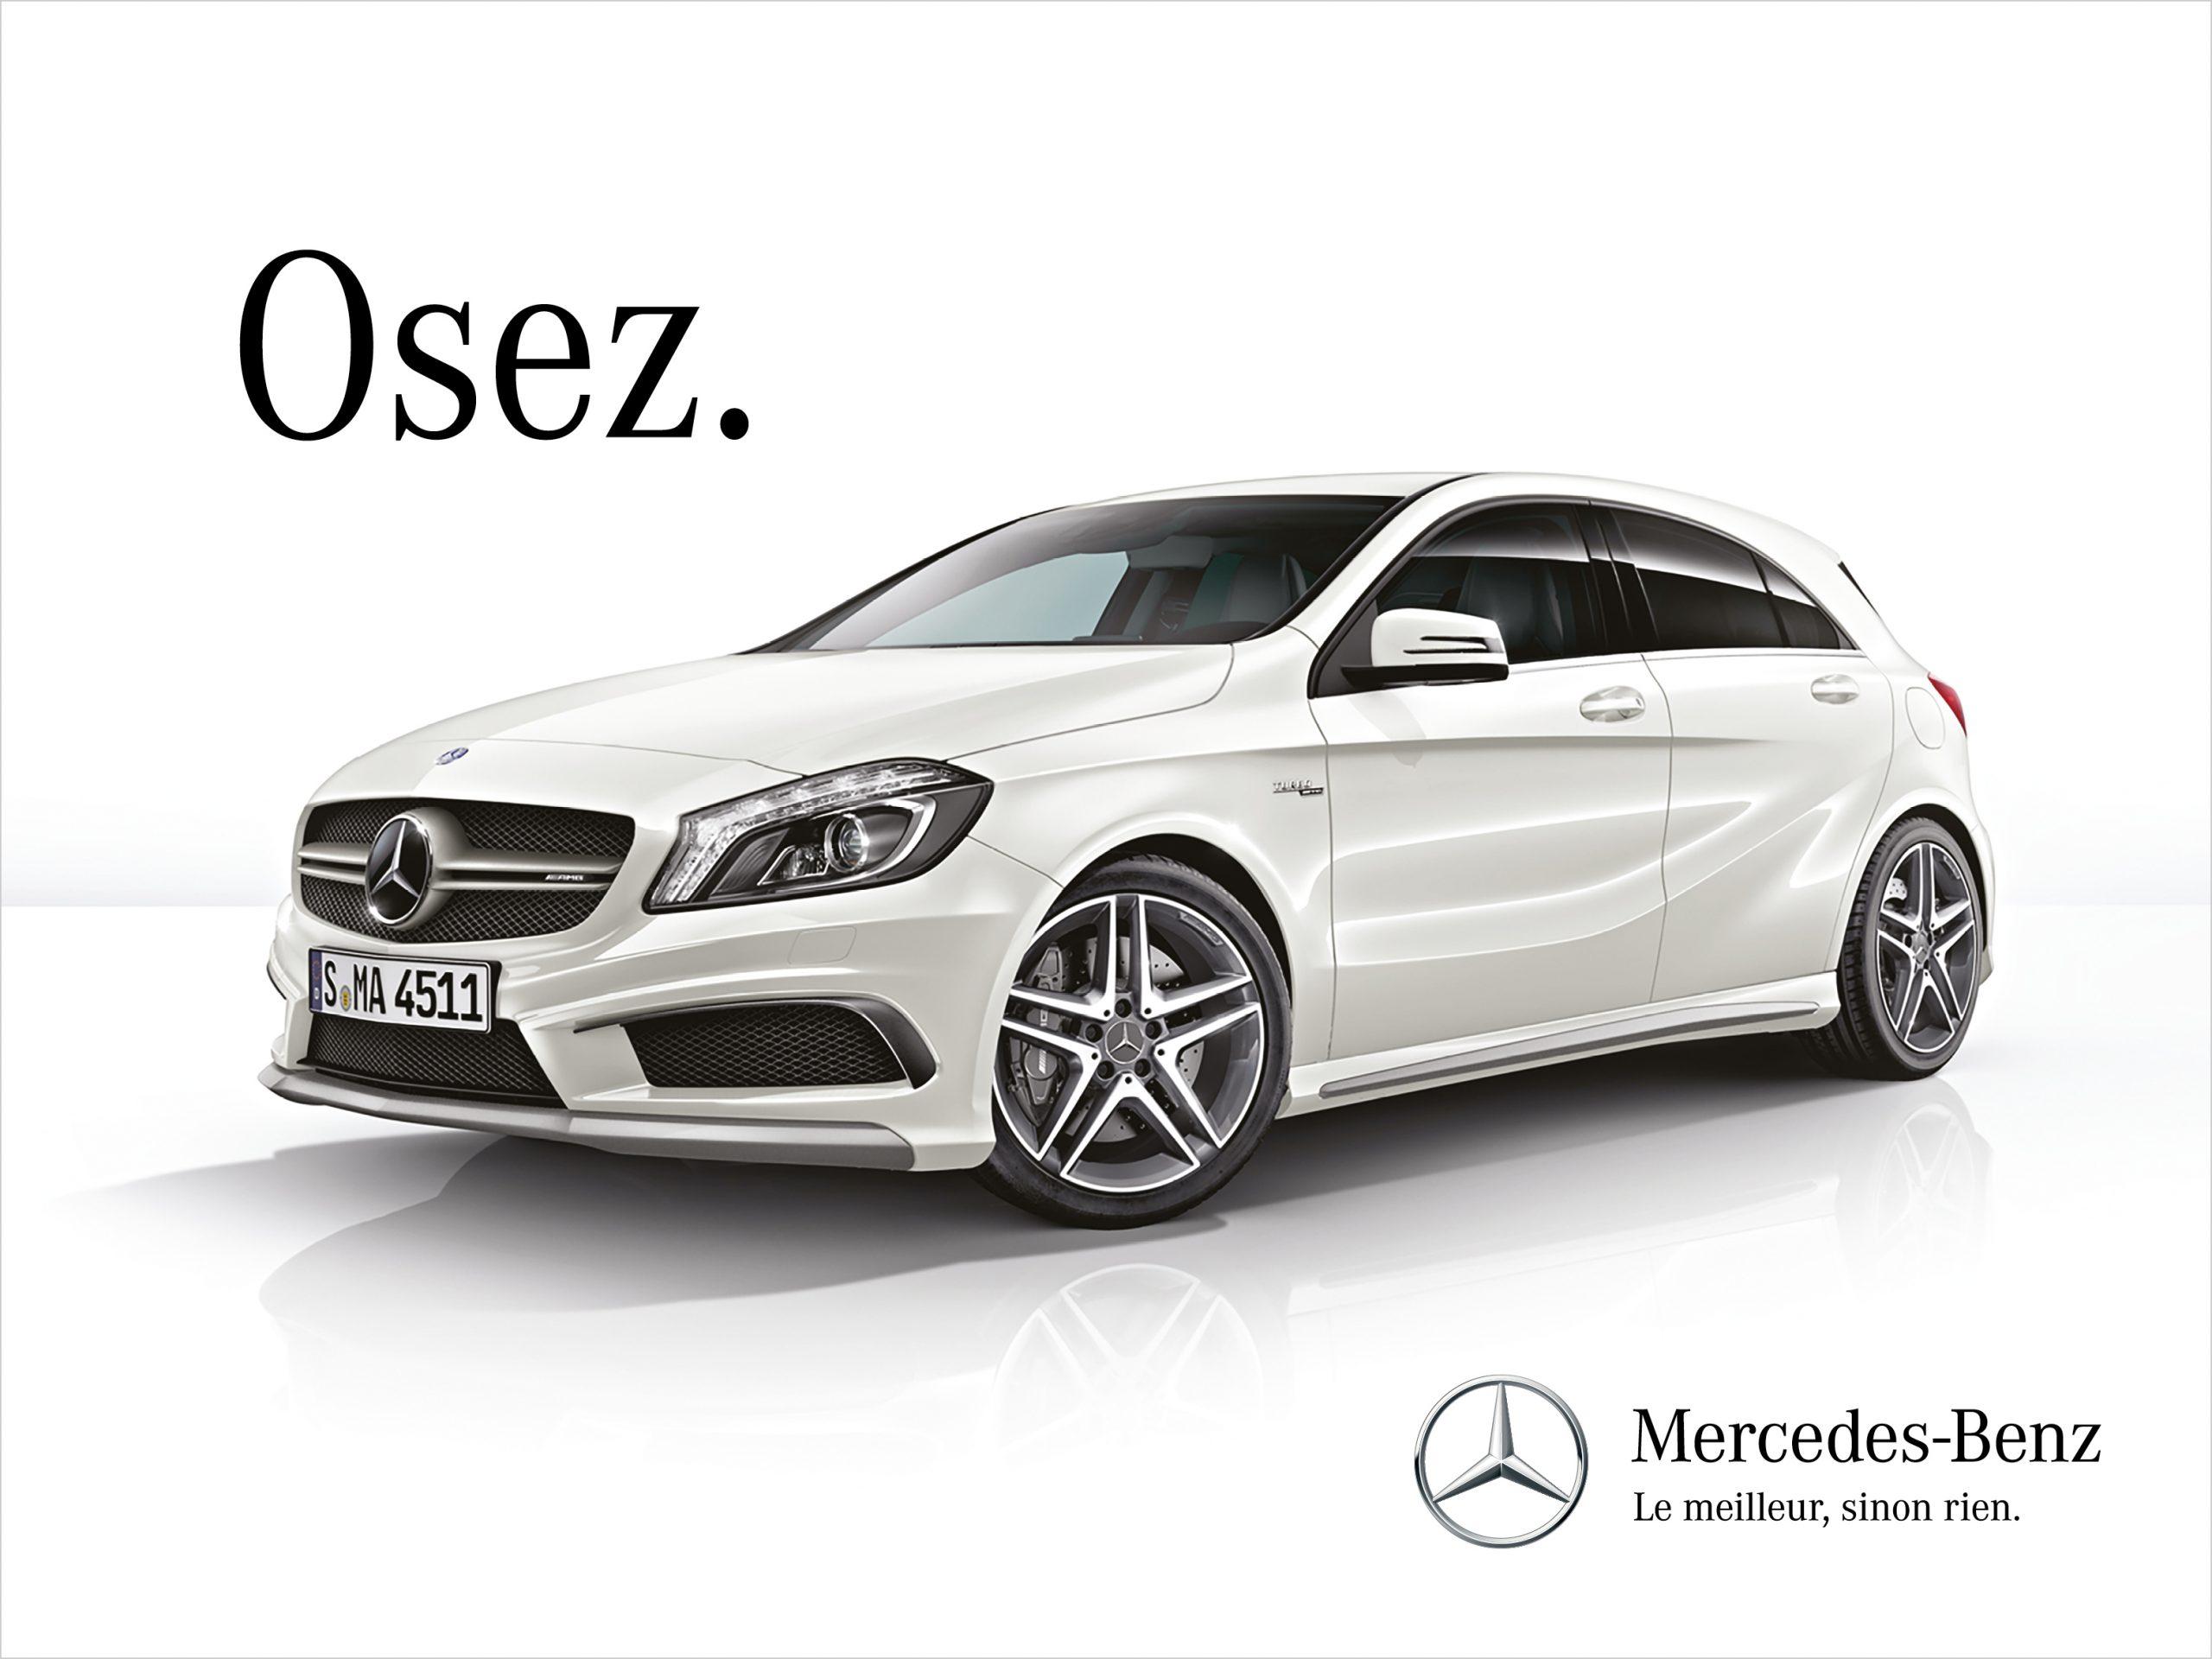 Mercedes Publicite Automobile